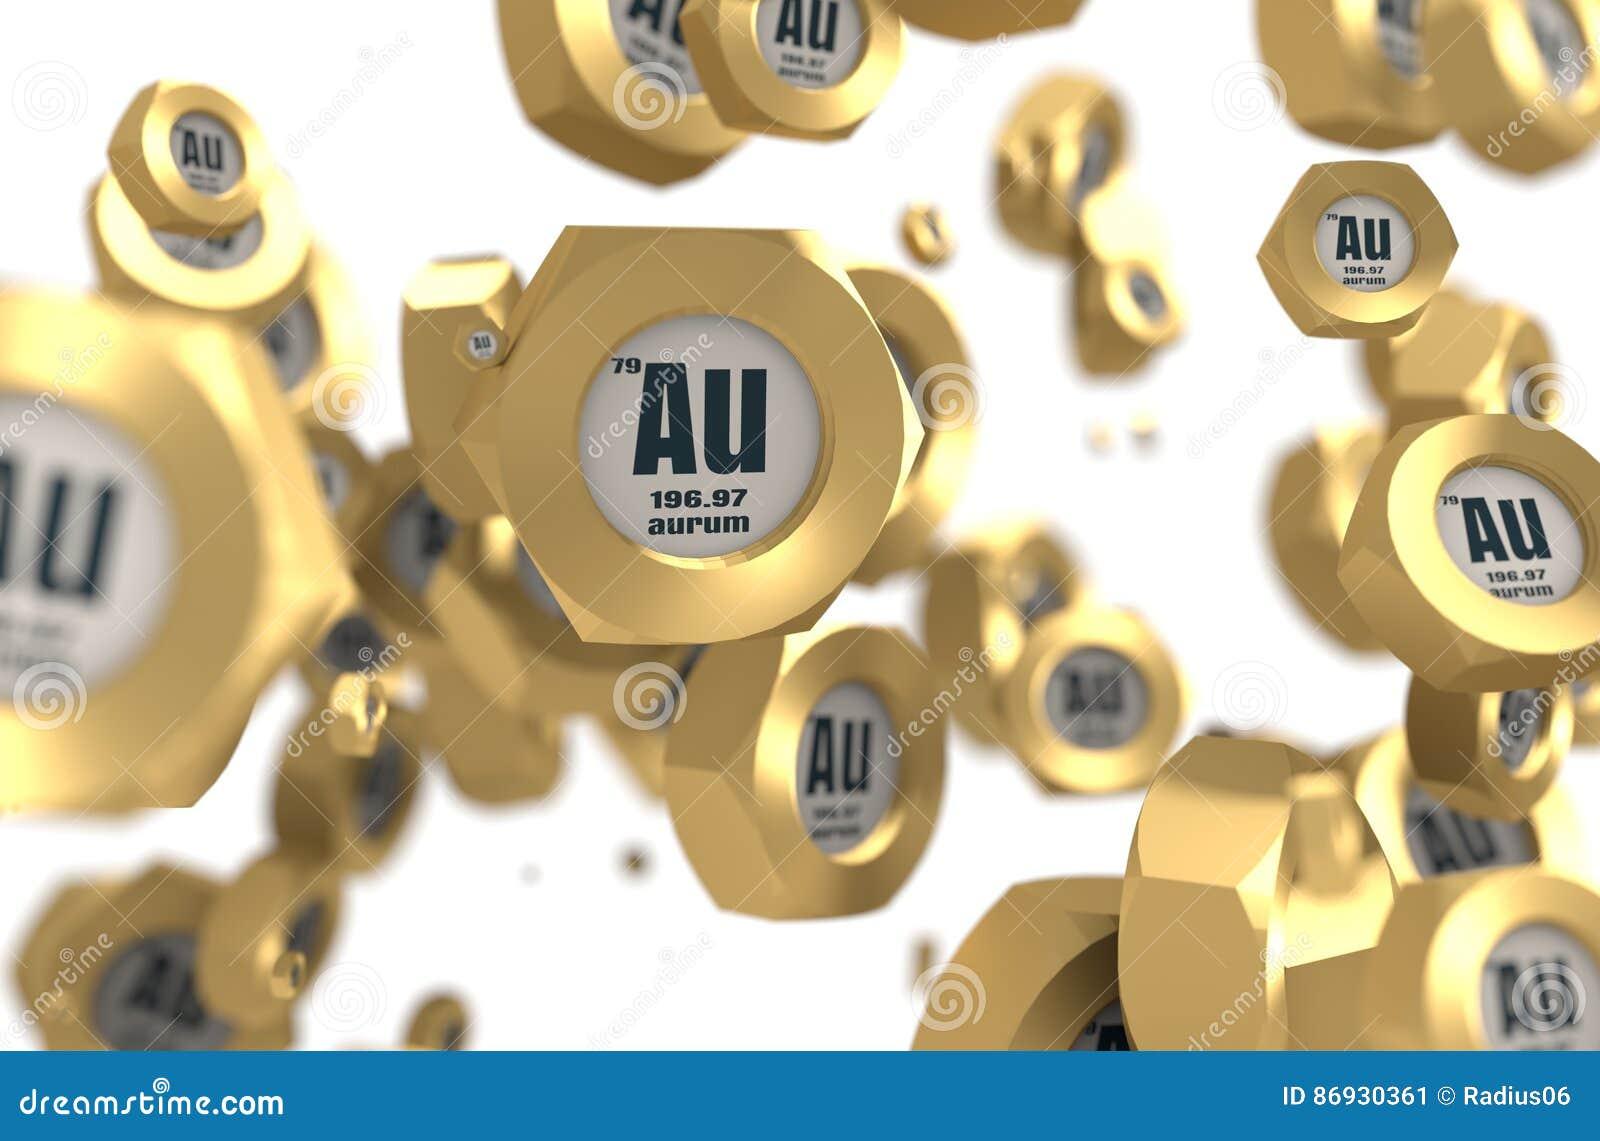 Aurum chemical element stock illustration illustration of depth aurum chemical element urtaz Gallery